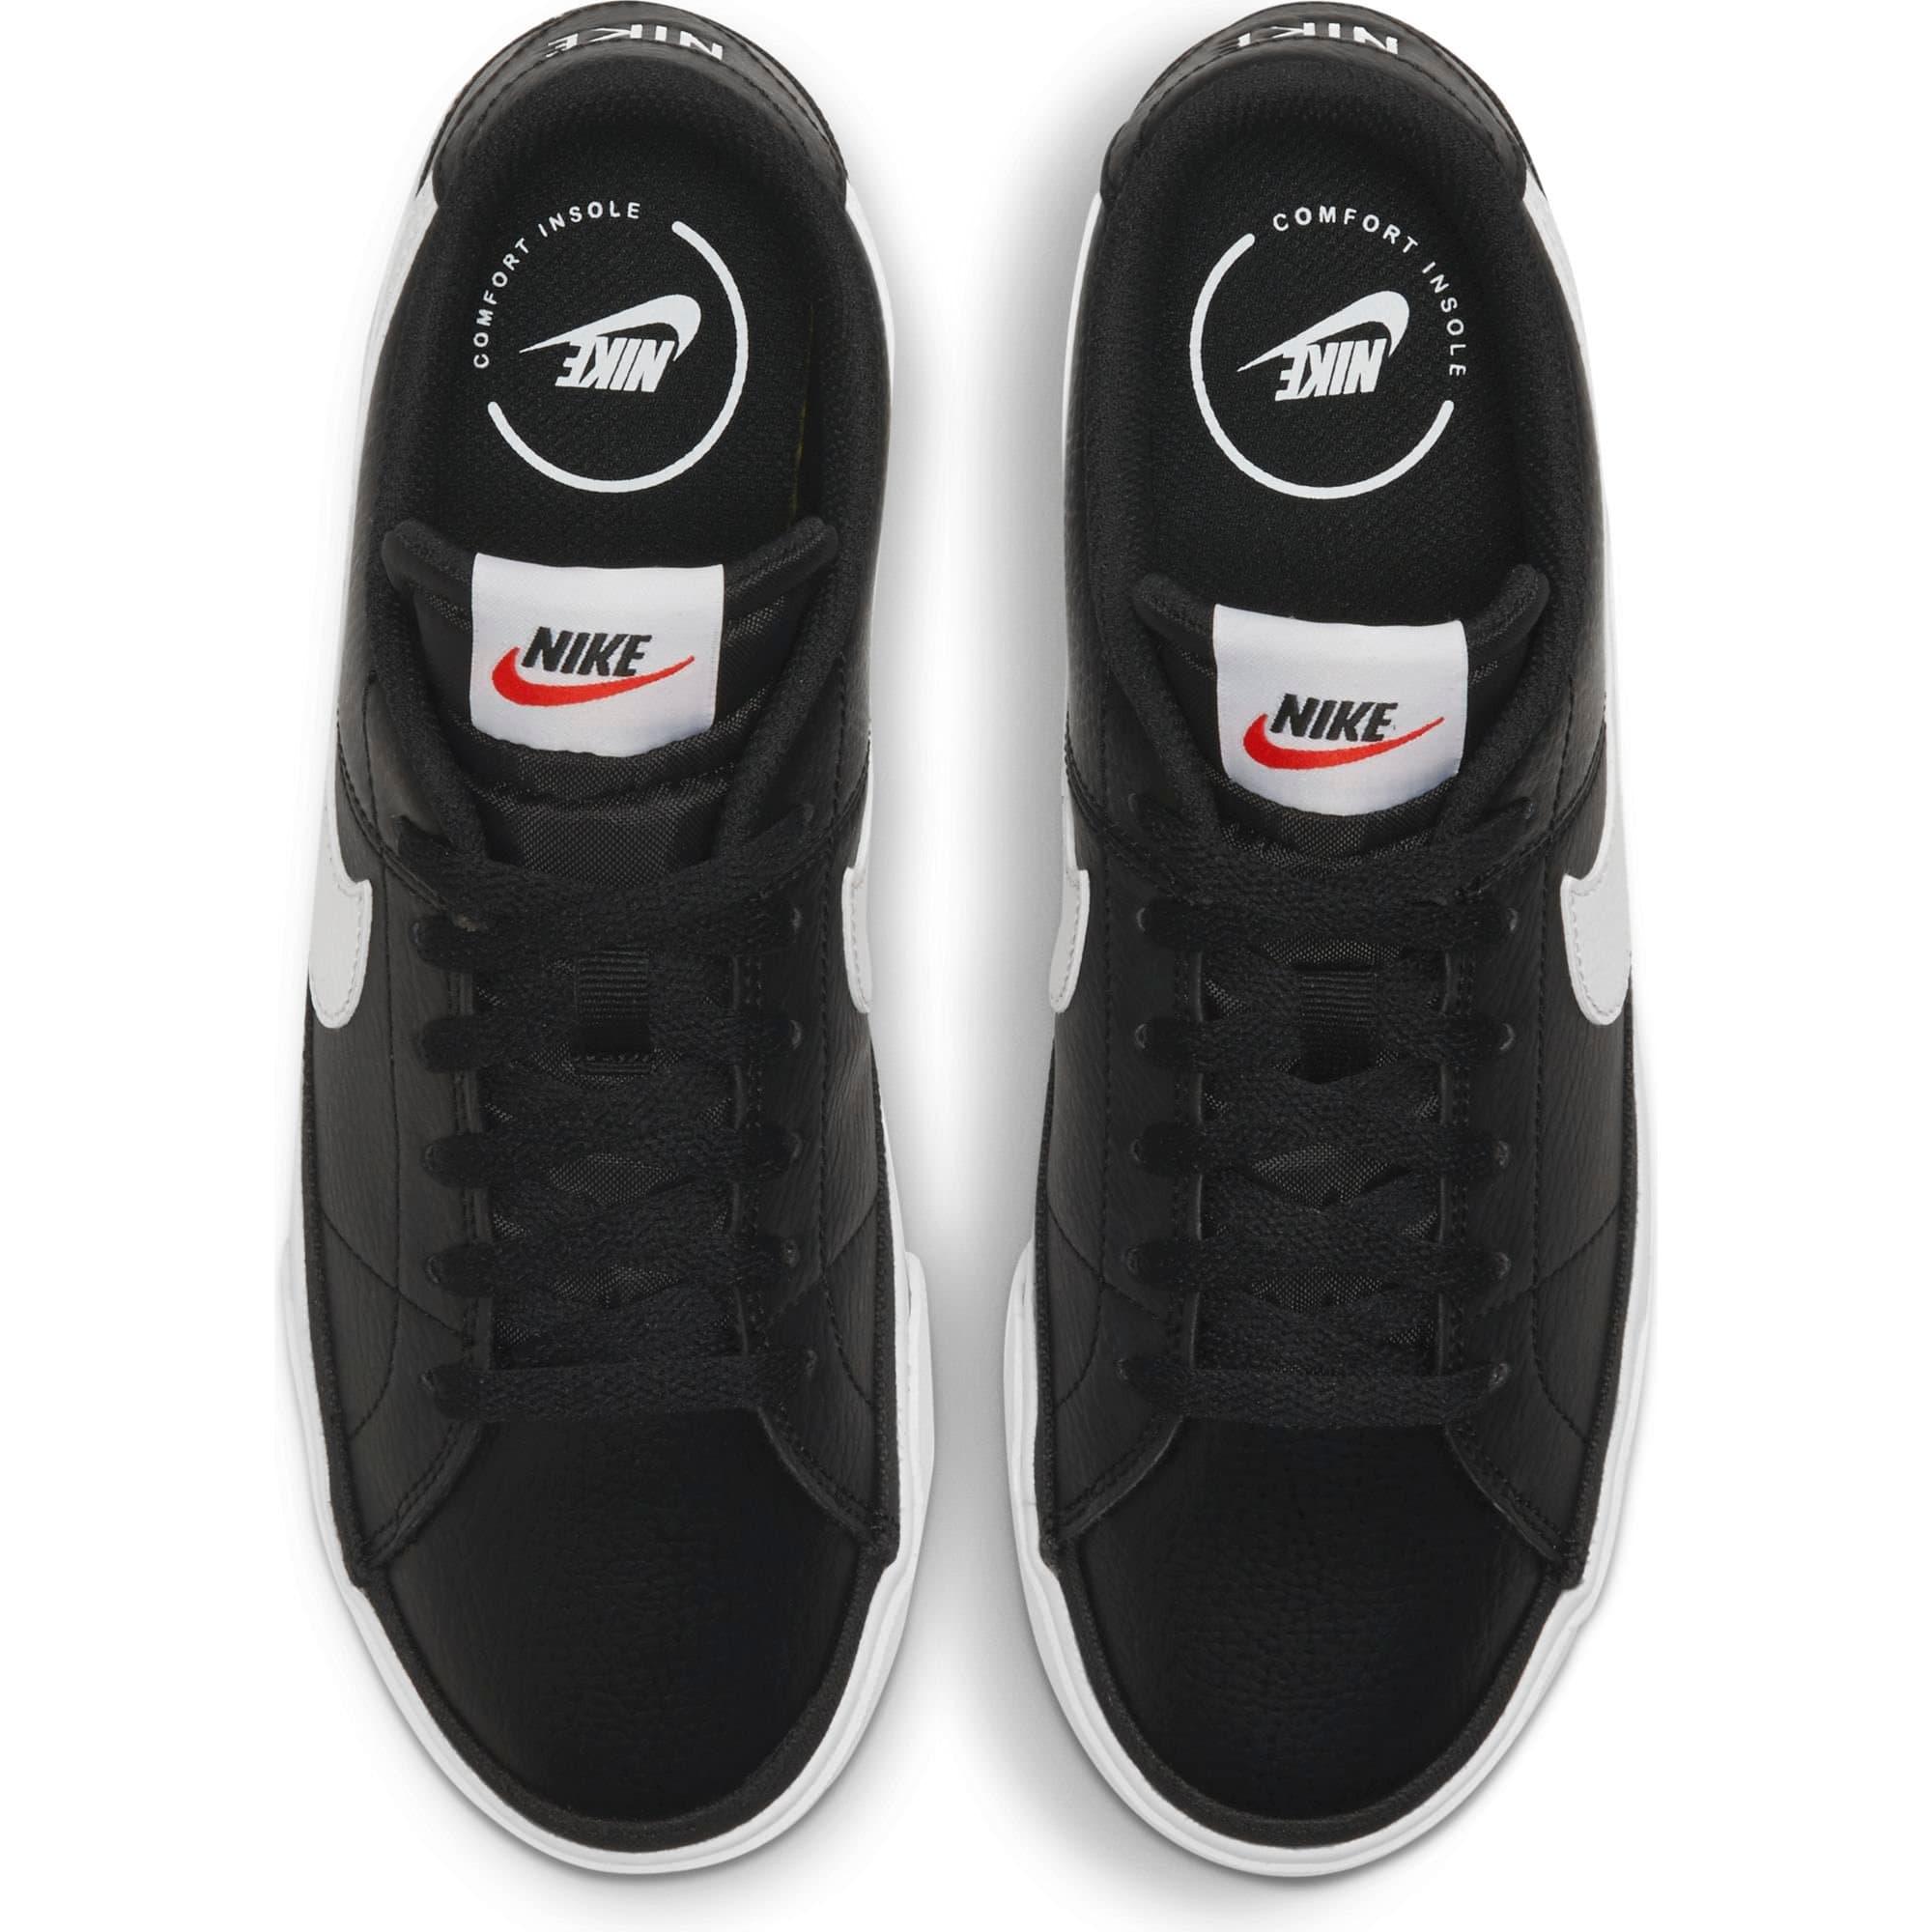 Court Legacy Kadın Siyah Spor Ayakkabı (CU4149-001)